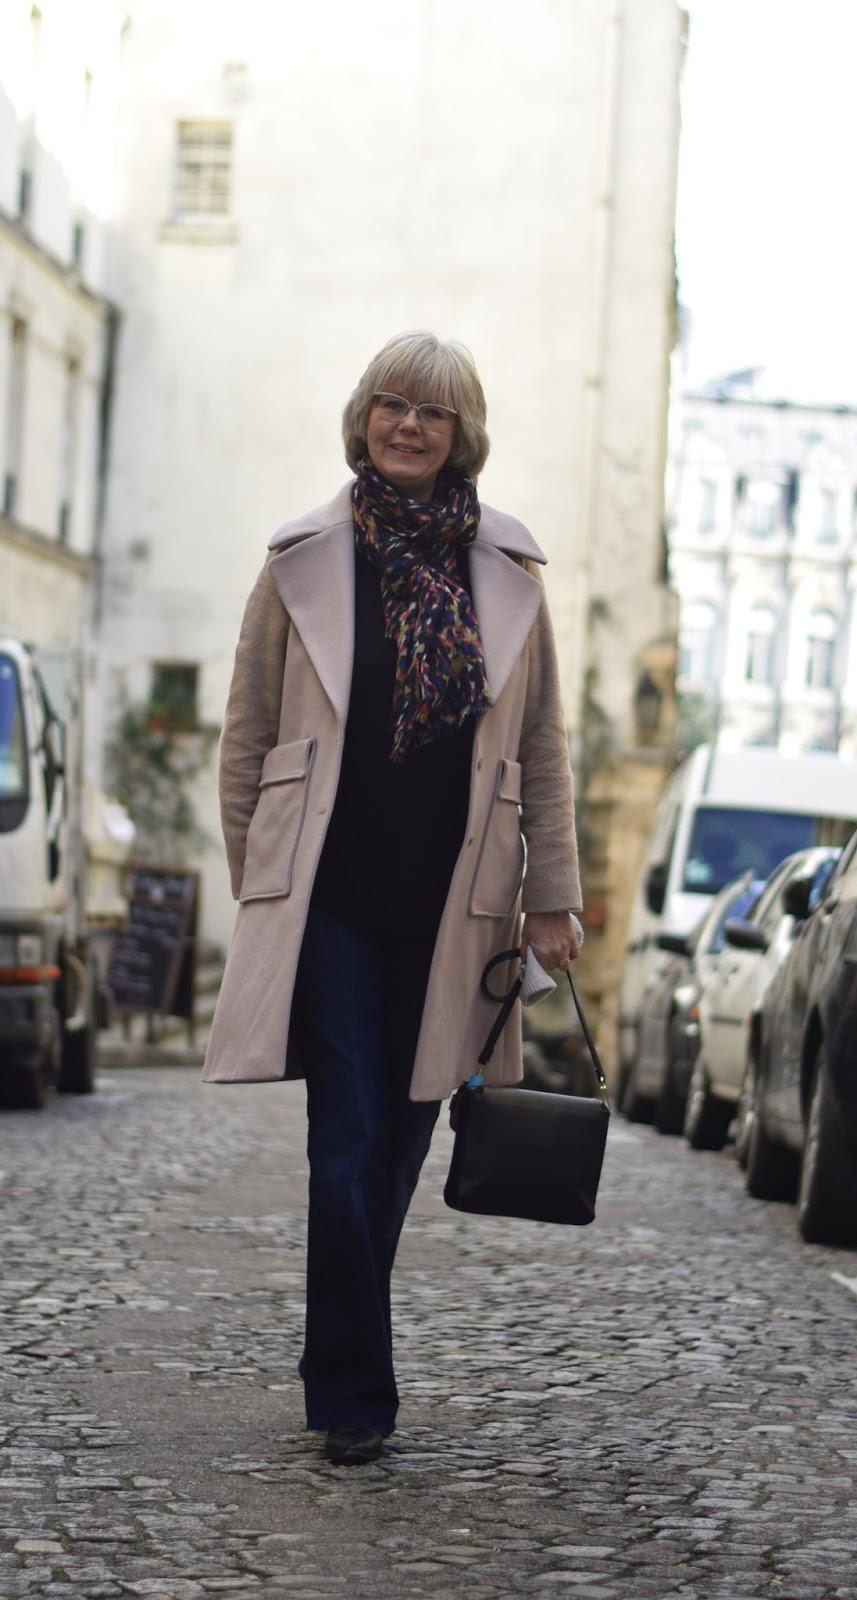 Paris fashion outfit